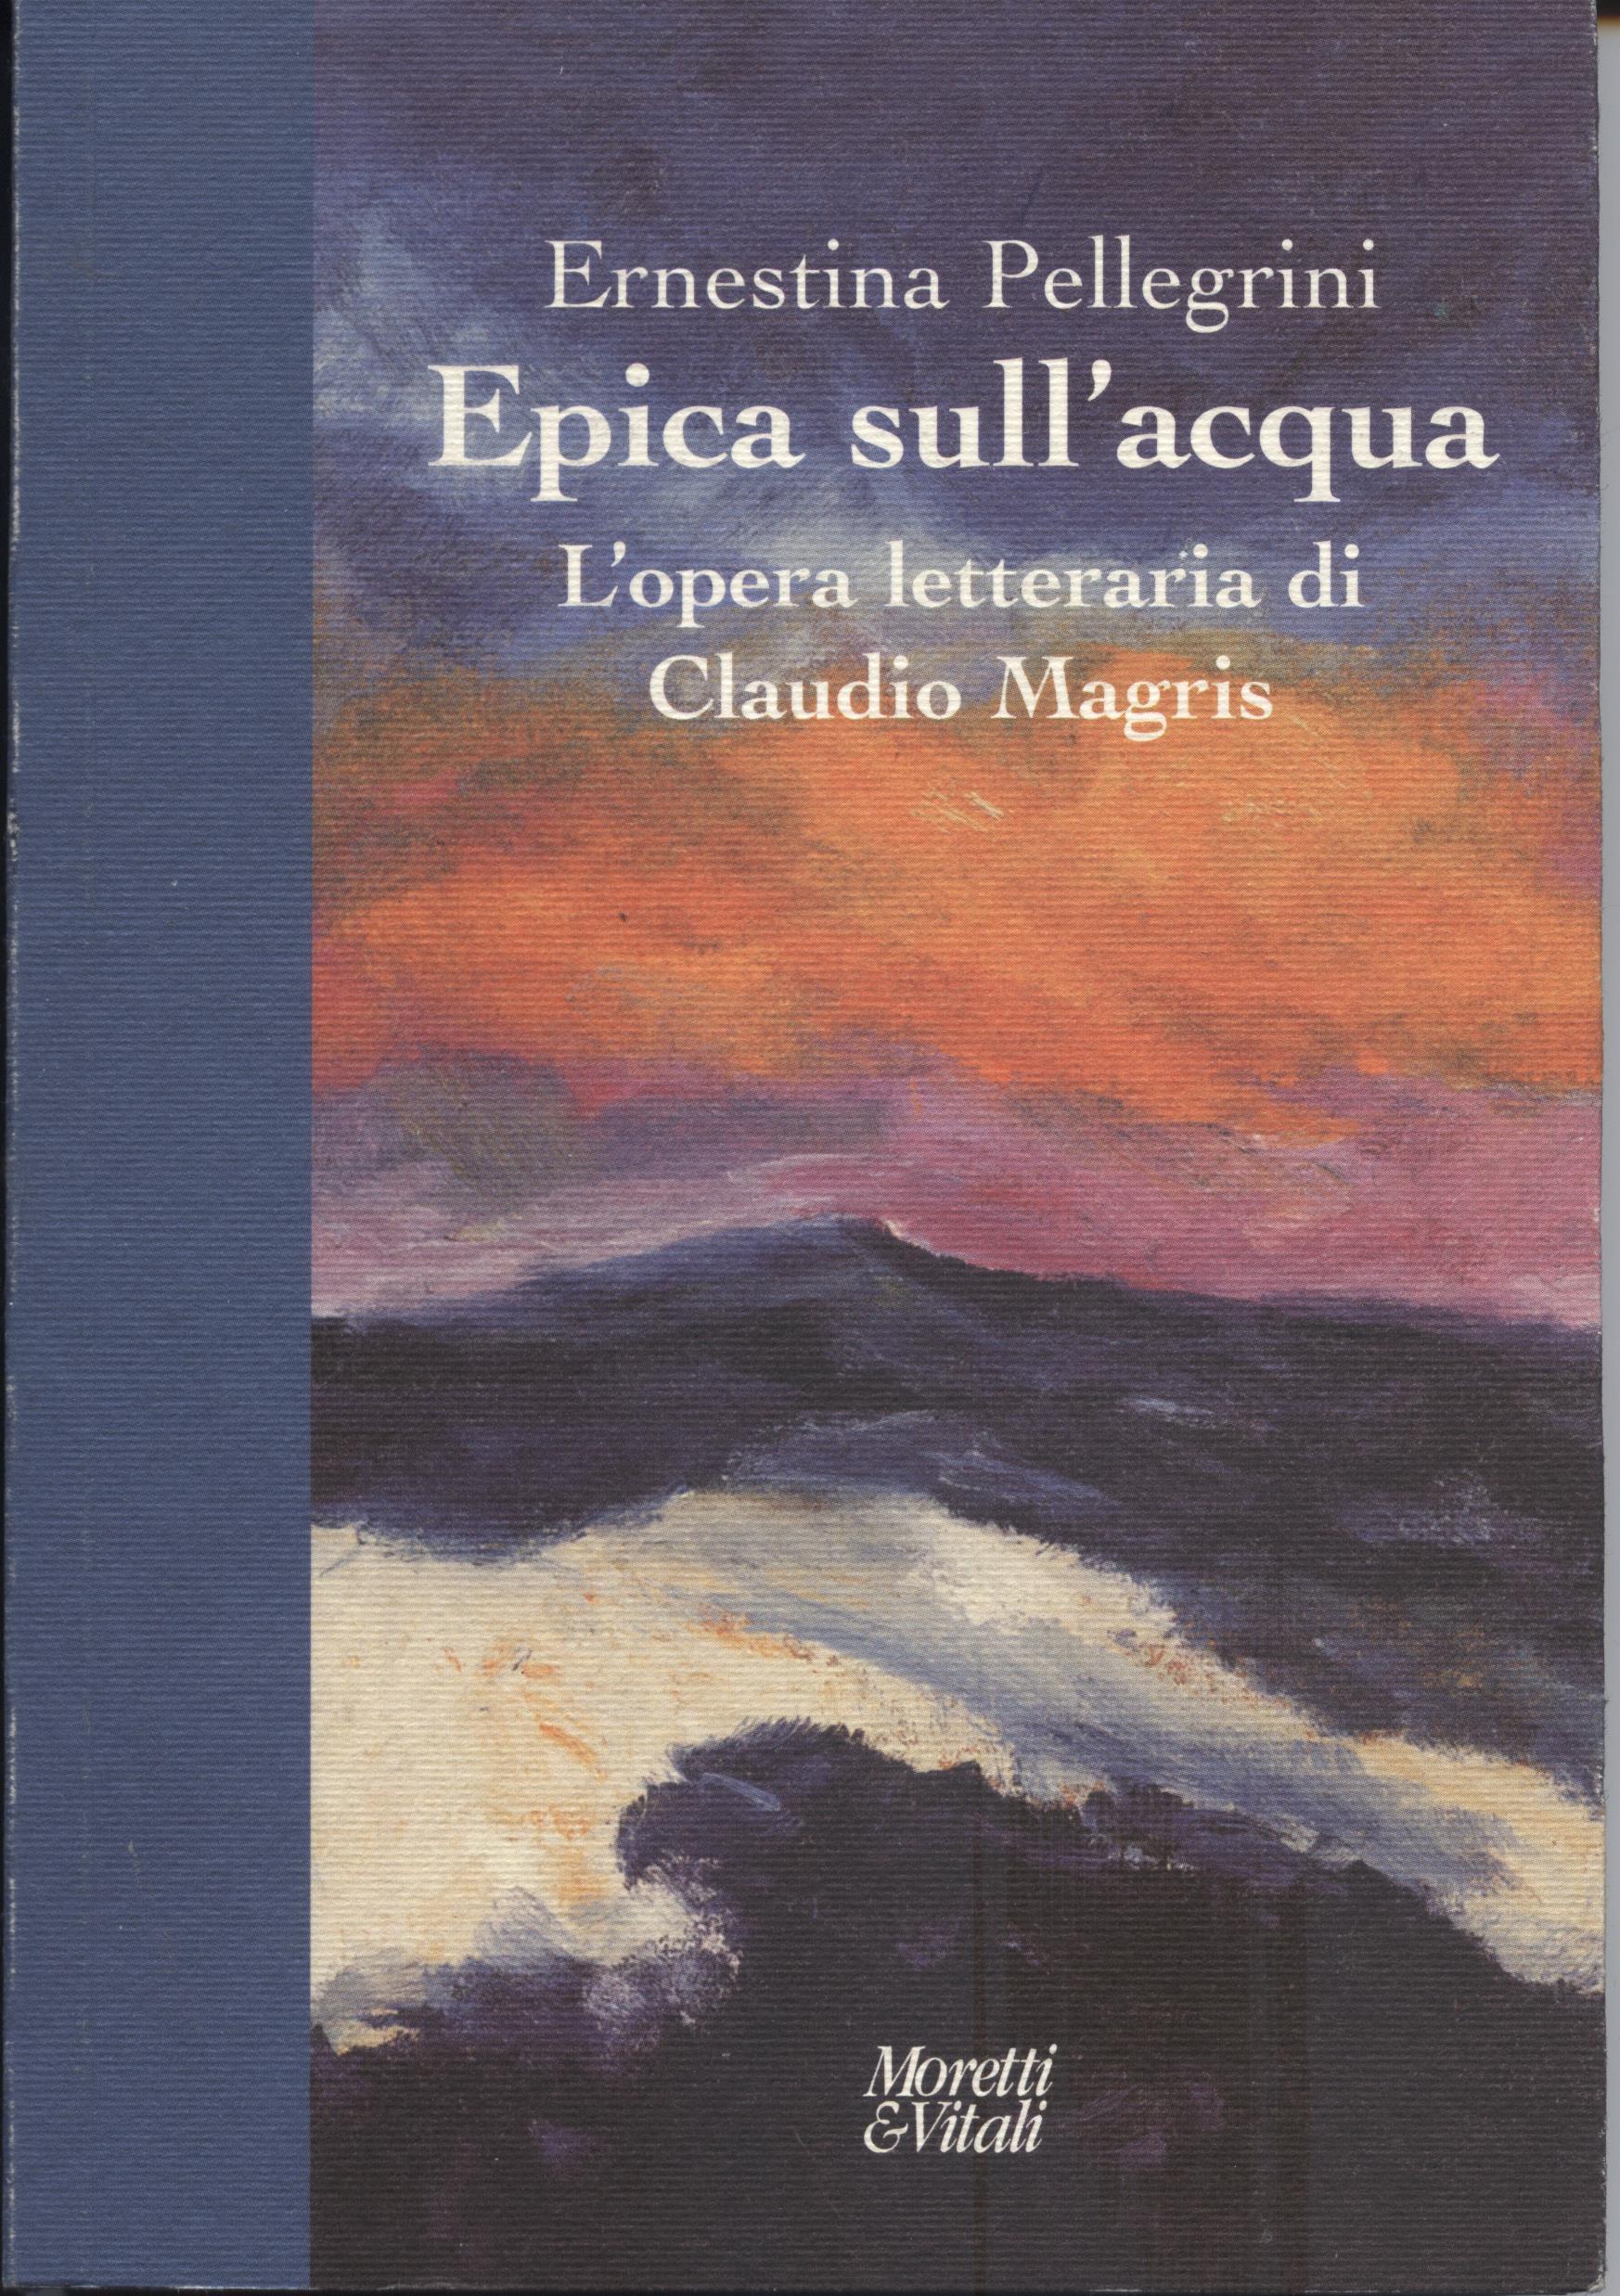 Epica sull'acqua. L'opera letteraria di Claudio Magris